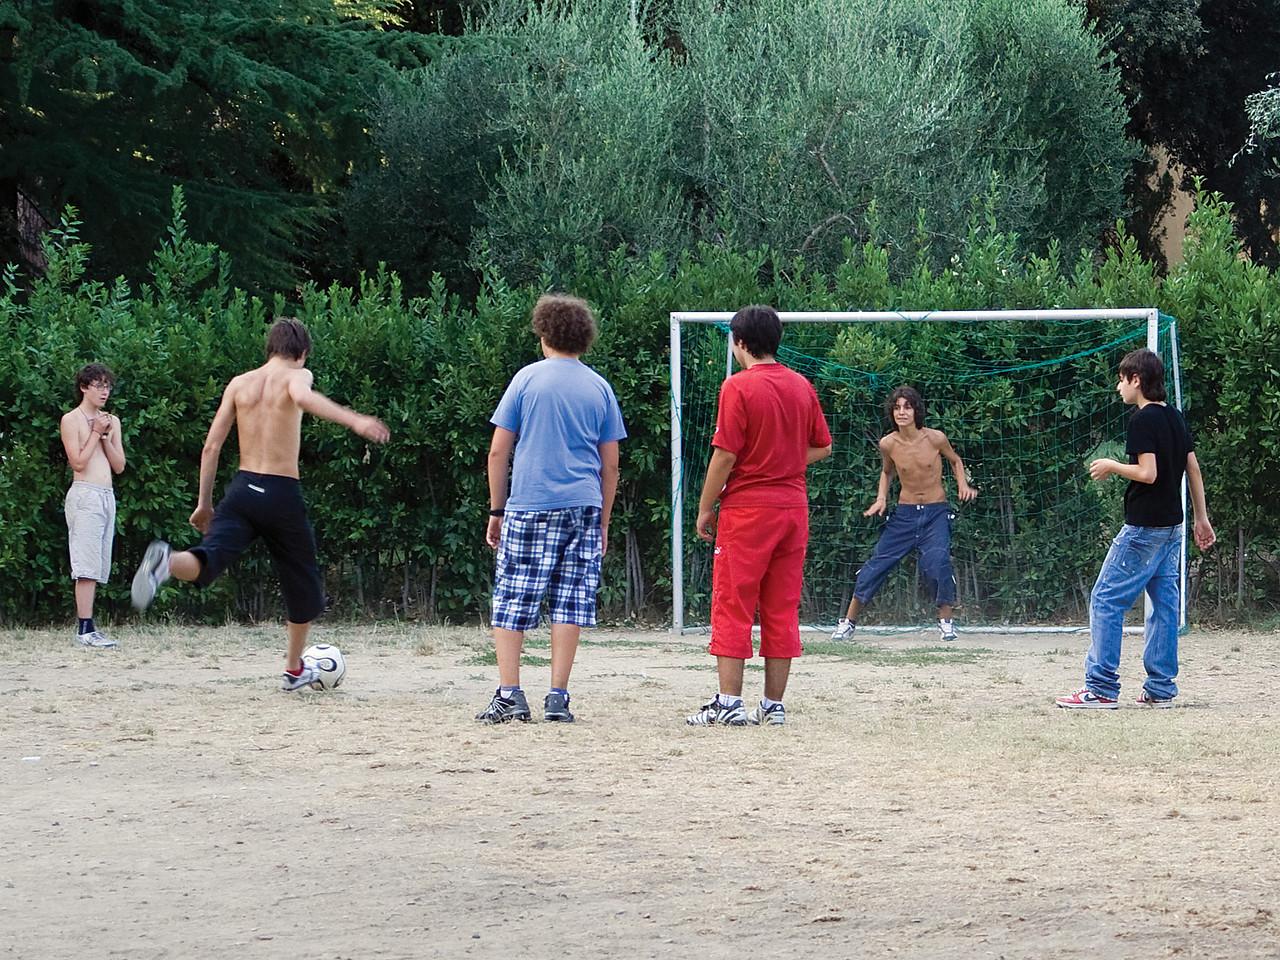 Boys playing futbol in Chiusi park